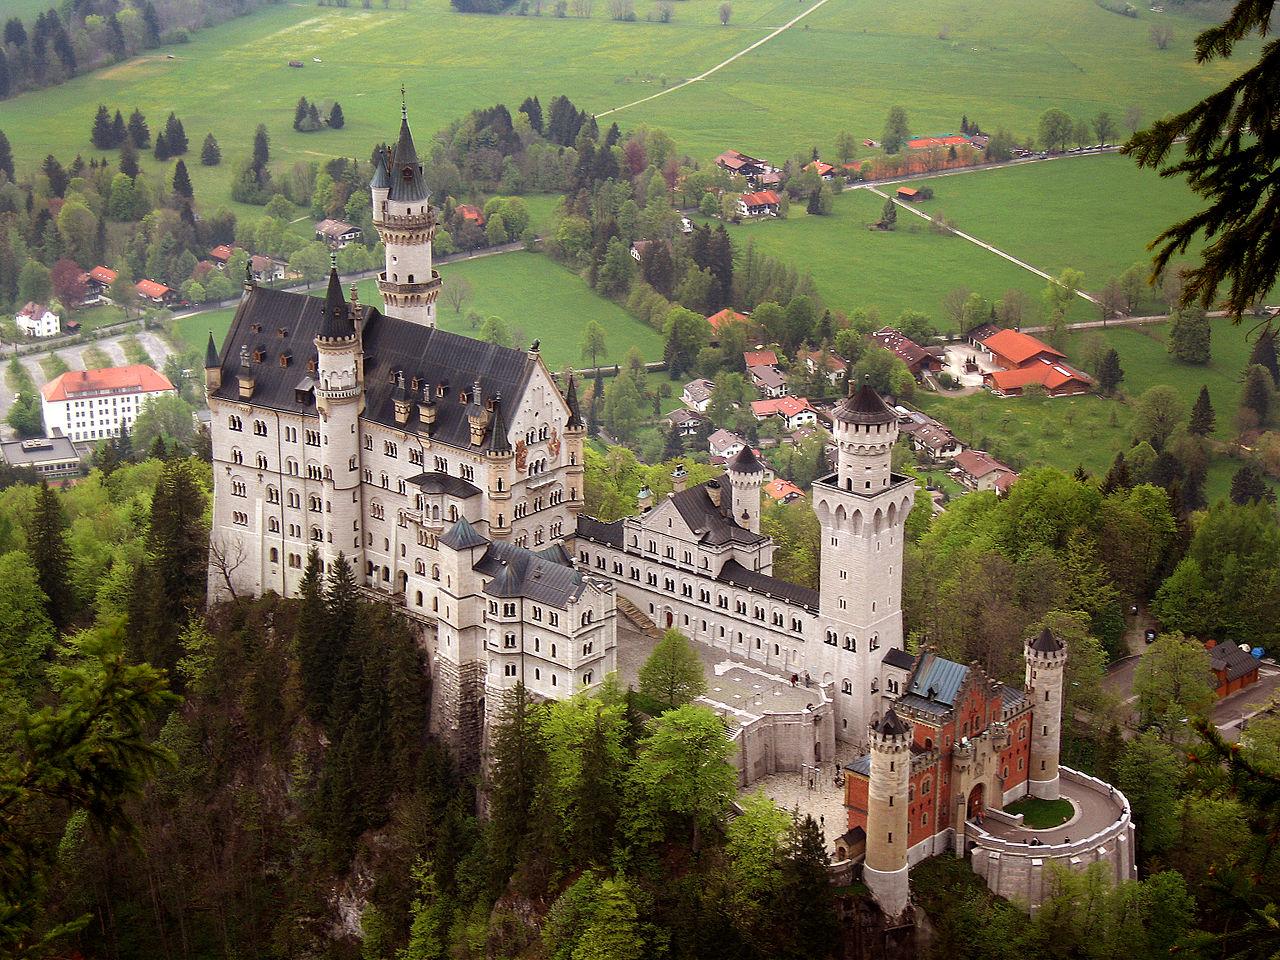 Обои юго-западная, бавария, германия, замок. Города foto 13